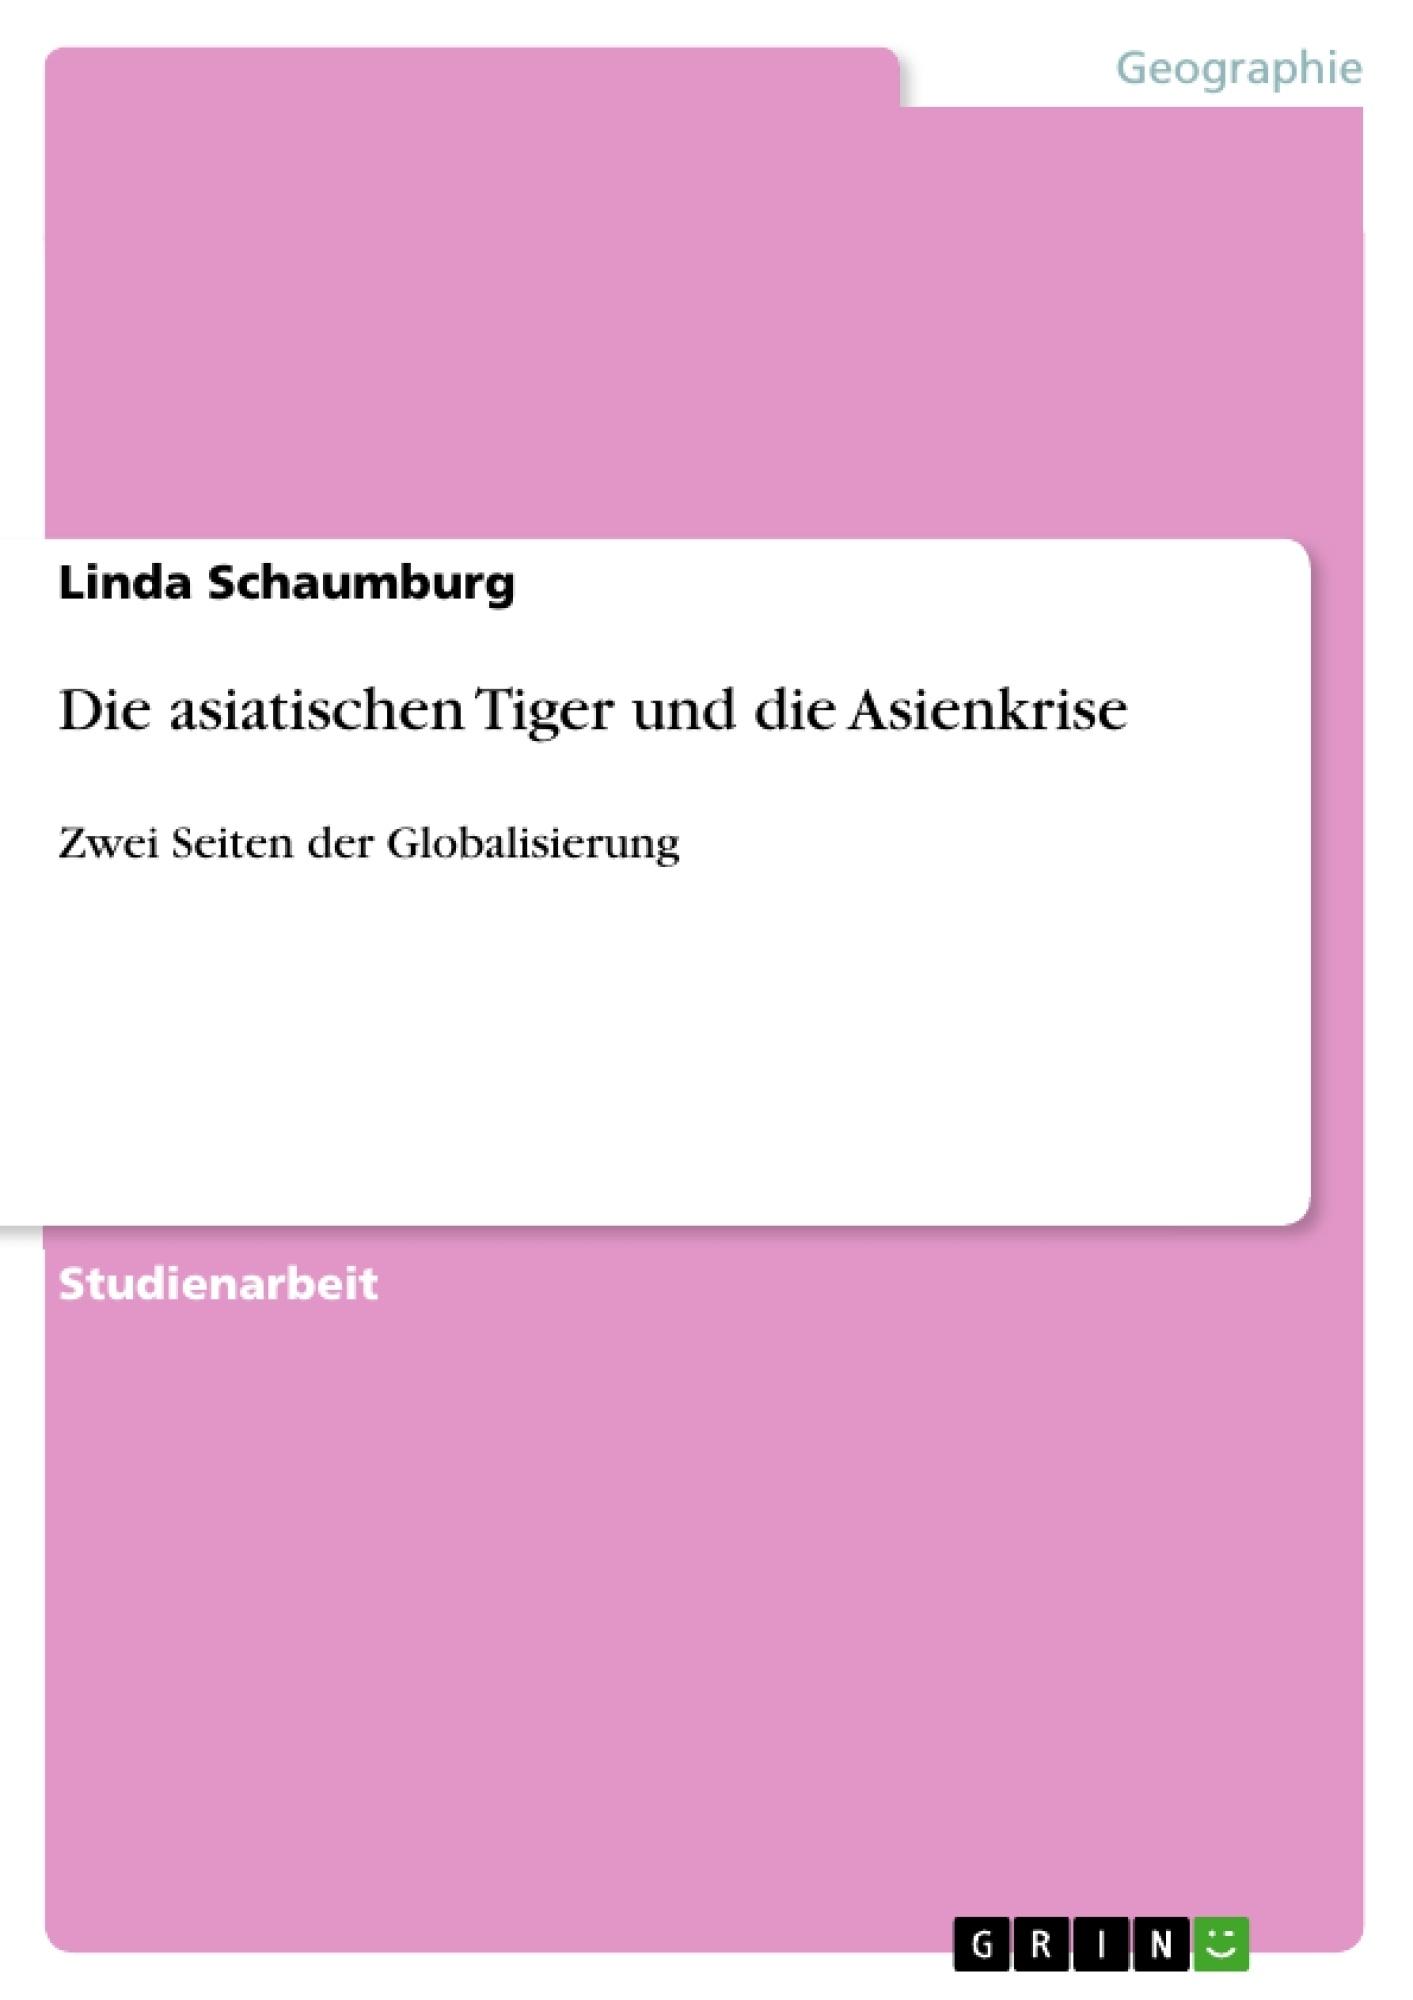 Titel: Die asiatischen Tiger und die Asienkrise